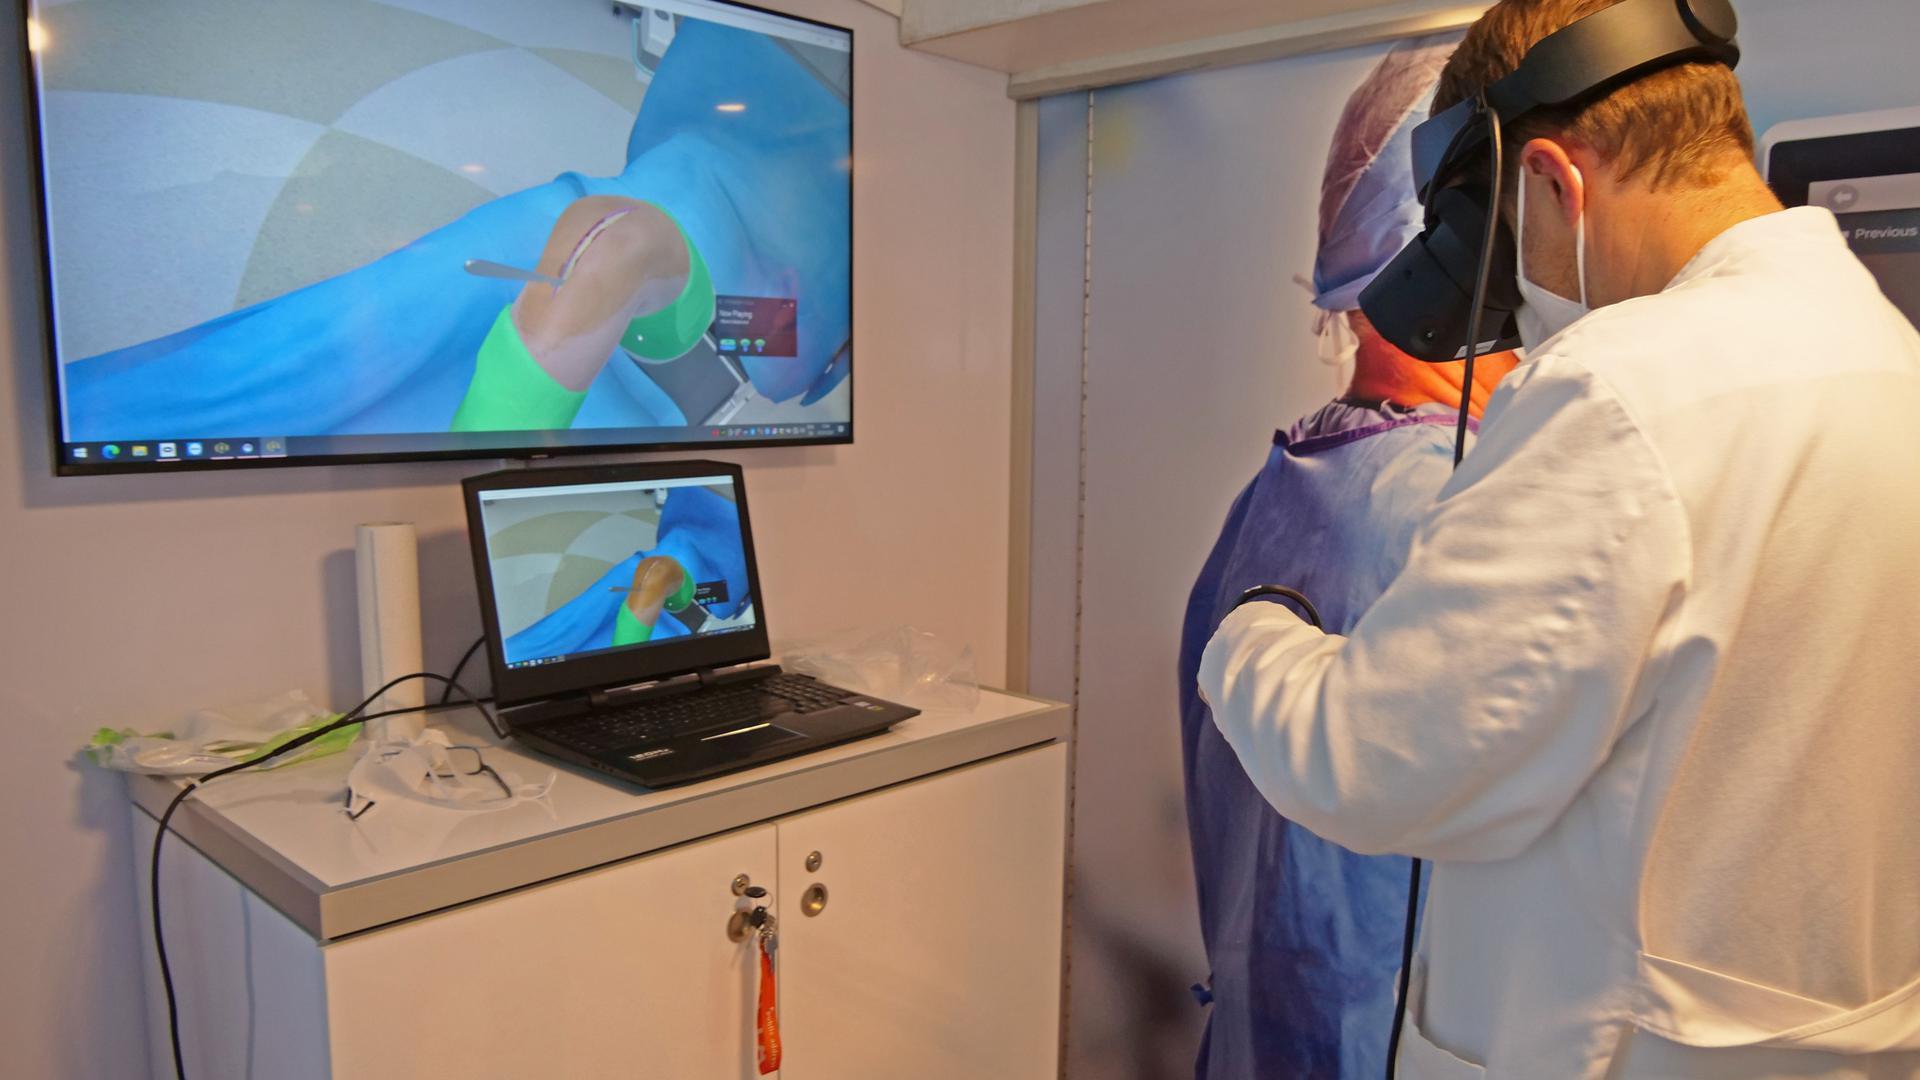 Ein Mann steht mit einer VR-Brille vor einem Bildschirm, auf dem ein offenes Knie zu sehen ist.